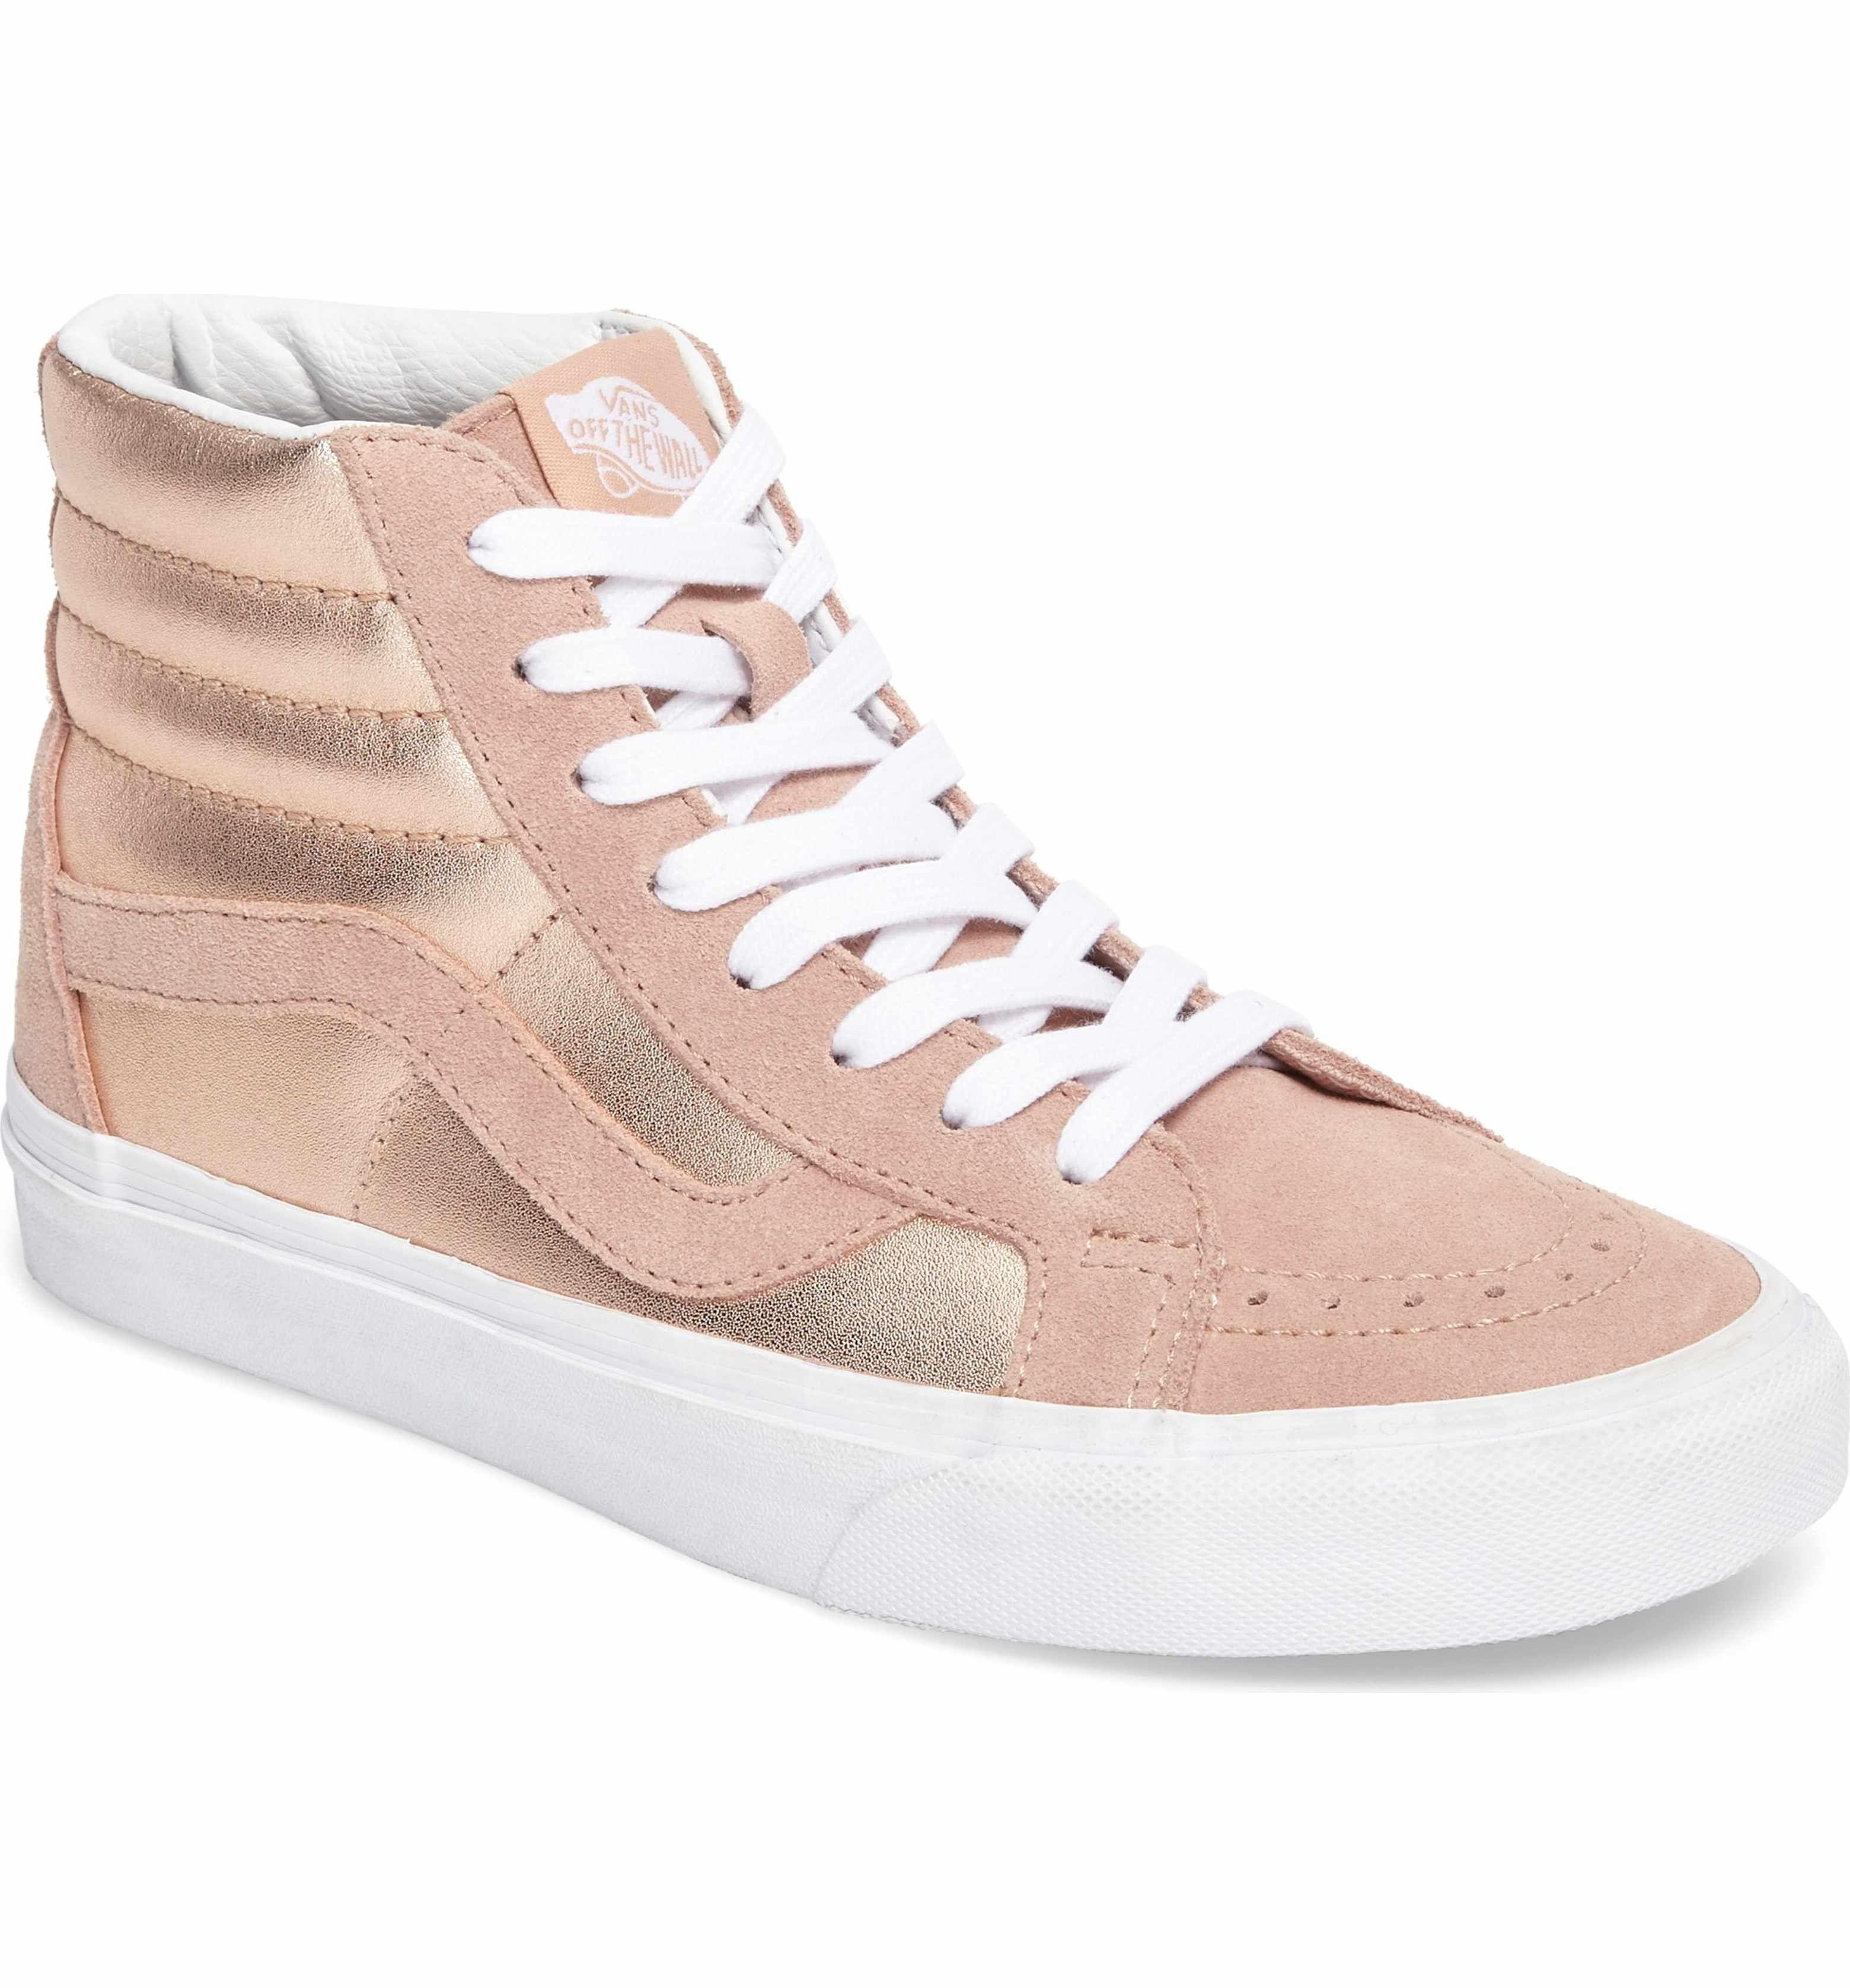 Vans Damen Sneaker Sk8-Hi Reissue Sneakers Women